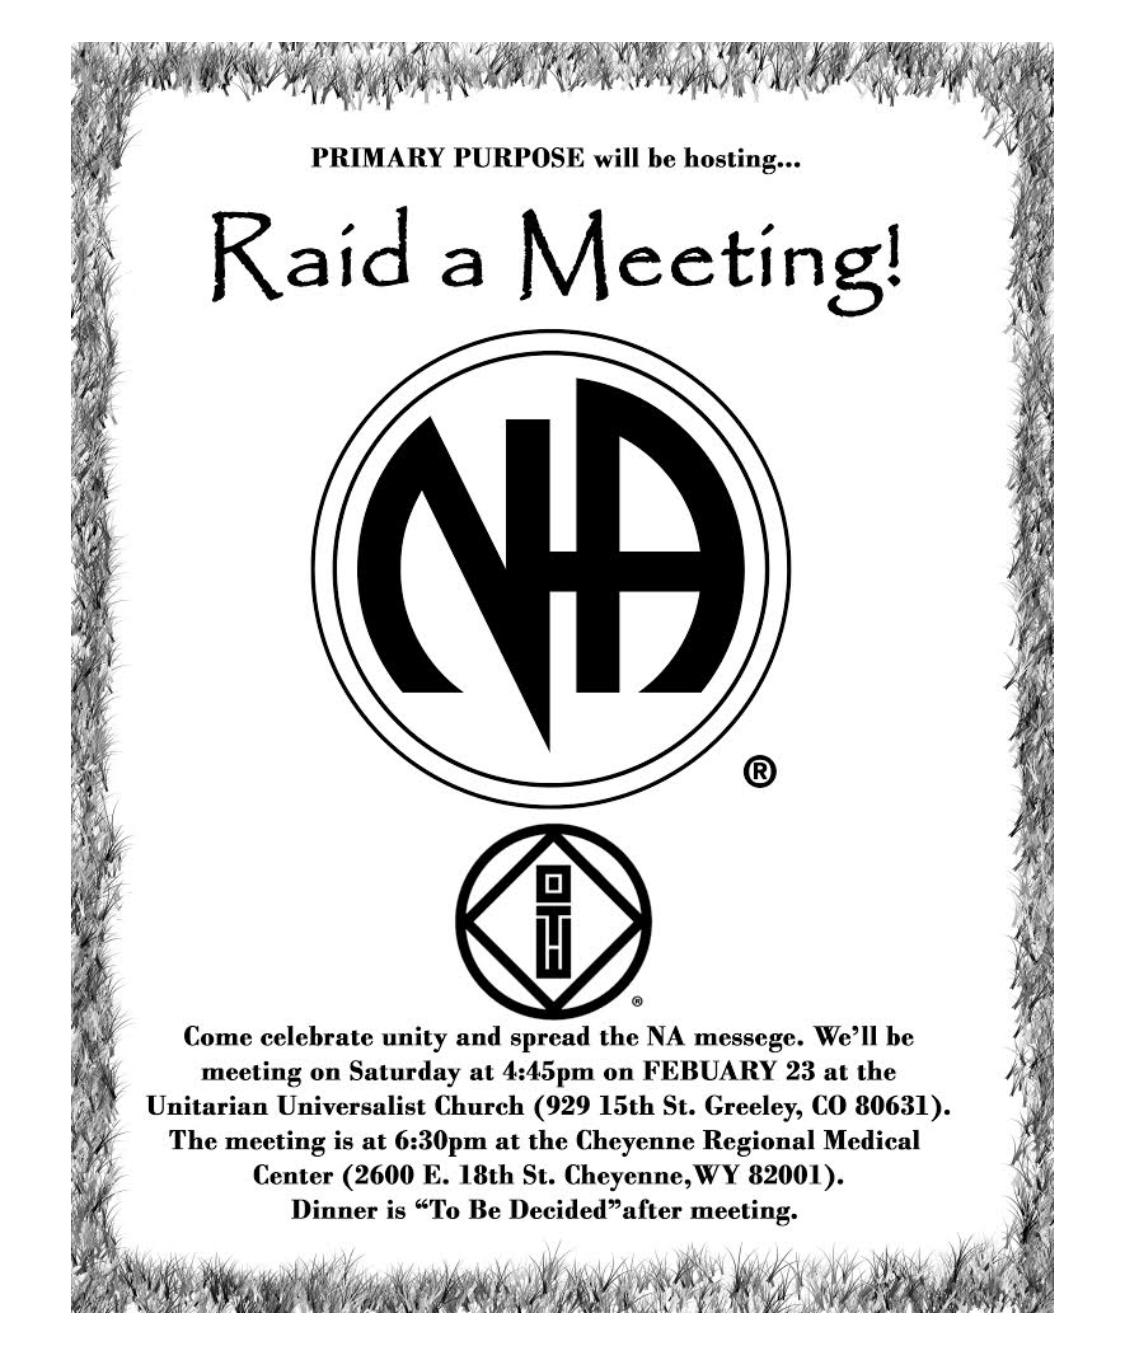 raid-a-meeting